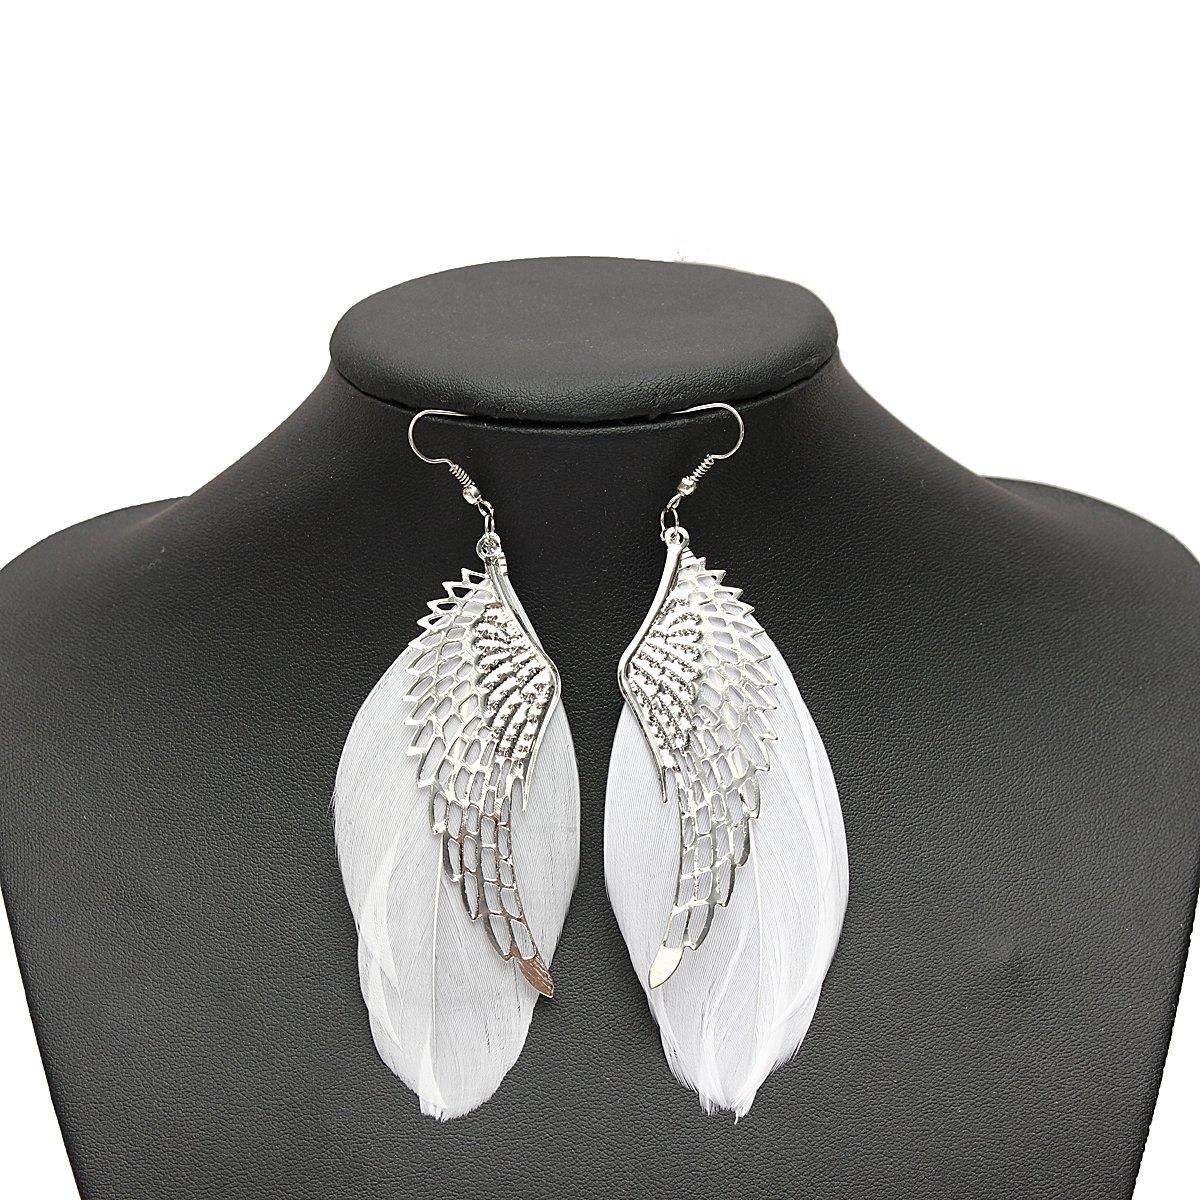 Ciondolo di Dream Catcher della collana Ciondolo pendente Davanguardia Long Necklace Accessori di abbigliamento Bobury